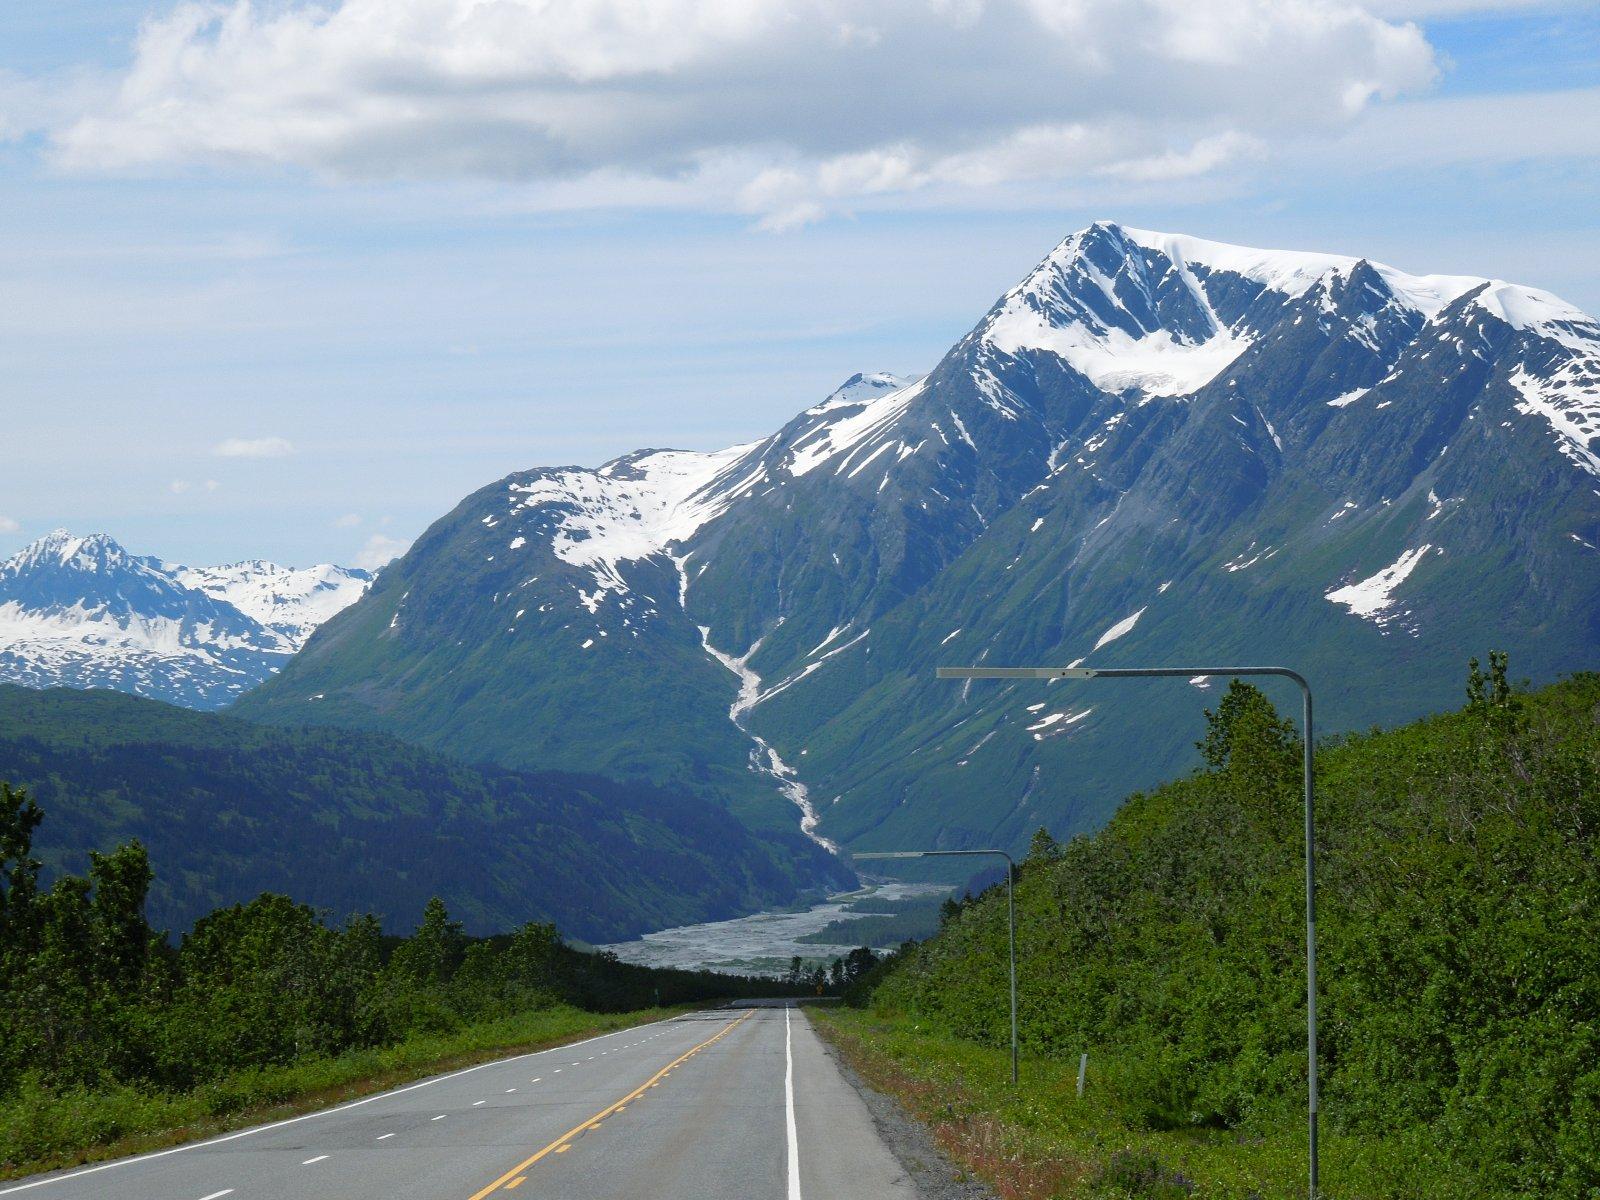 Click image for larger version  Name:Glennallen to Valdez 094.jpg Views:63 Size:354.8 KB ID:215339